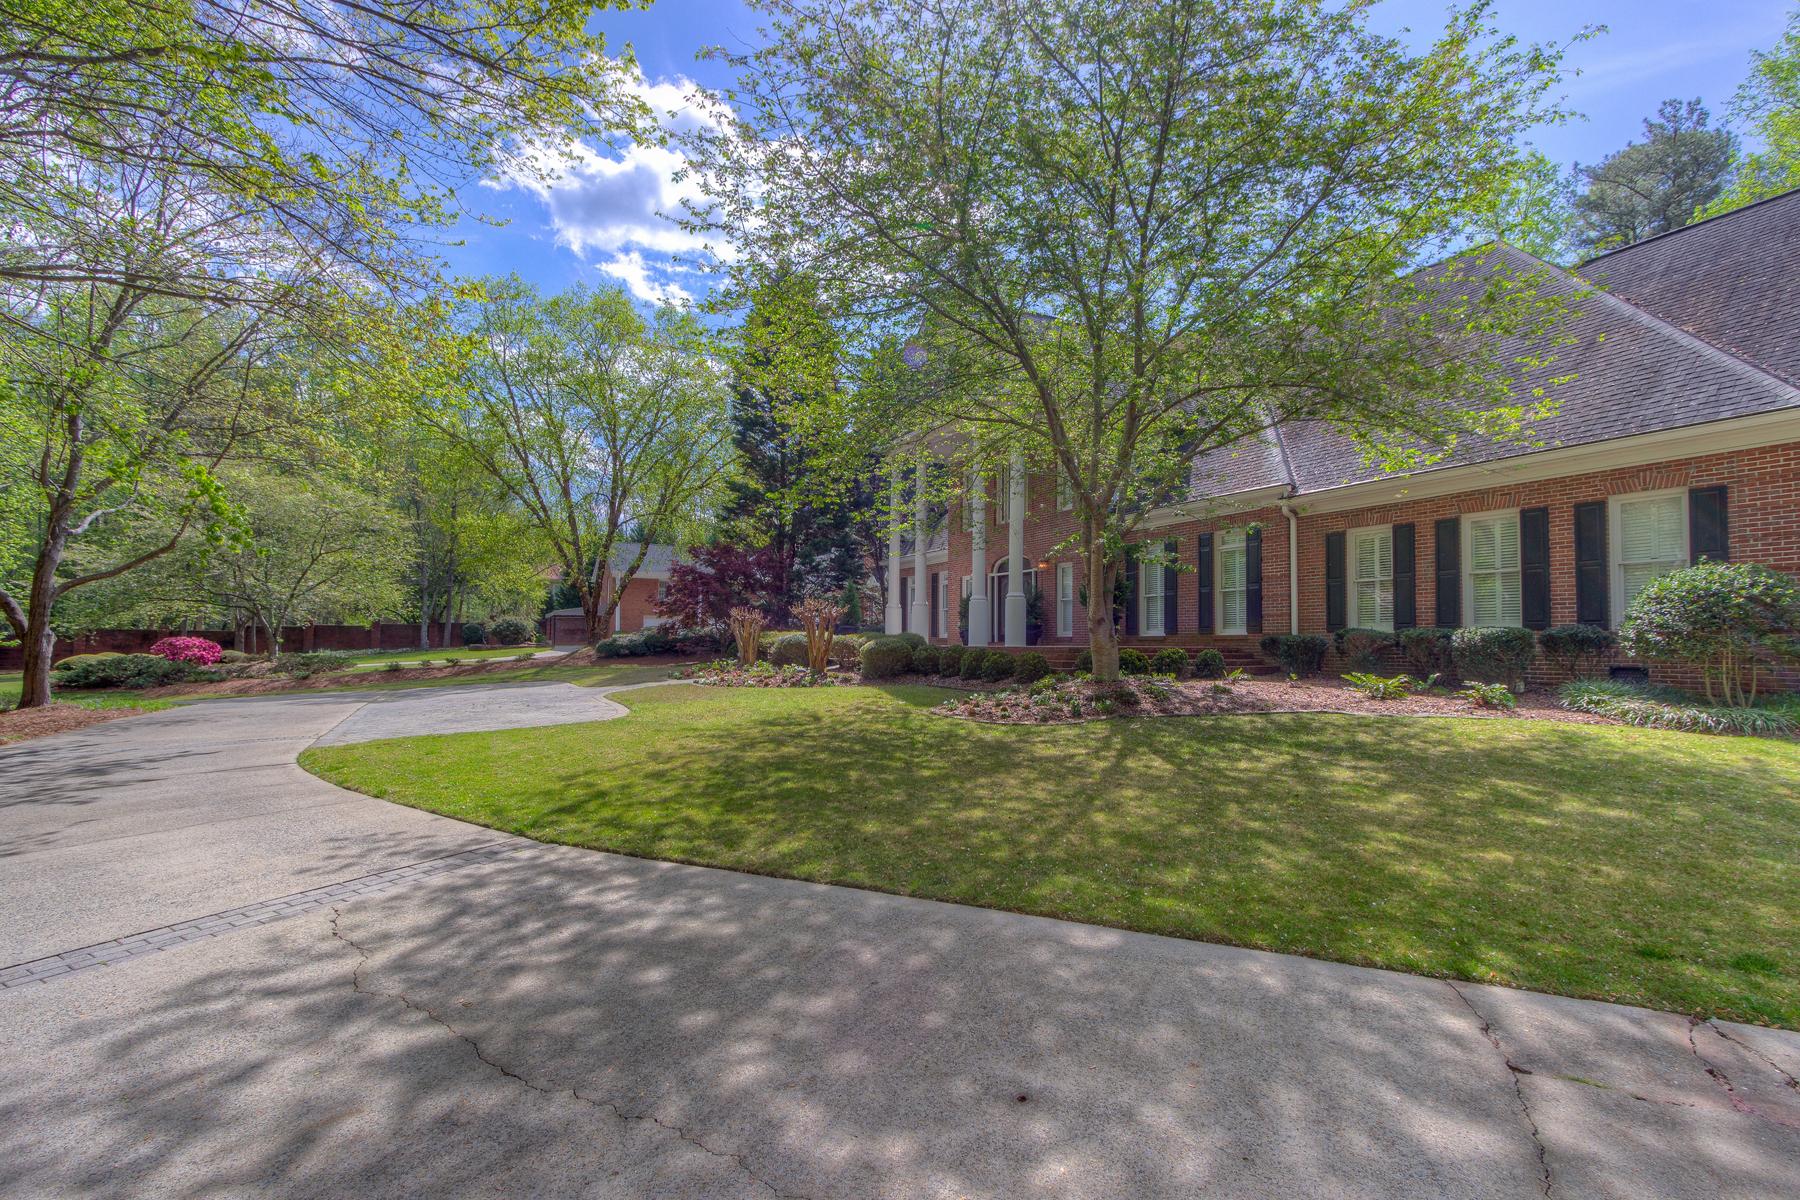 Частный односемейный дом для того Продажа на Glenn Moore 630 Heards Ferry Road Atlanta, Джорджия, 30328 Соединенные Штаты